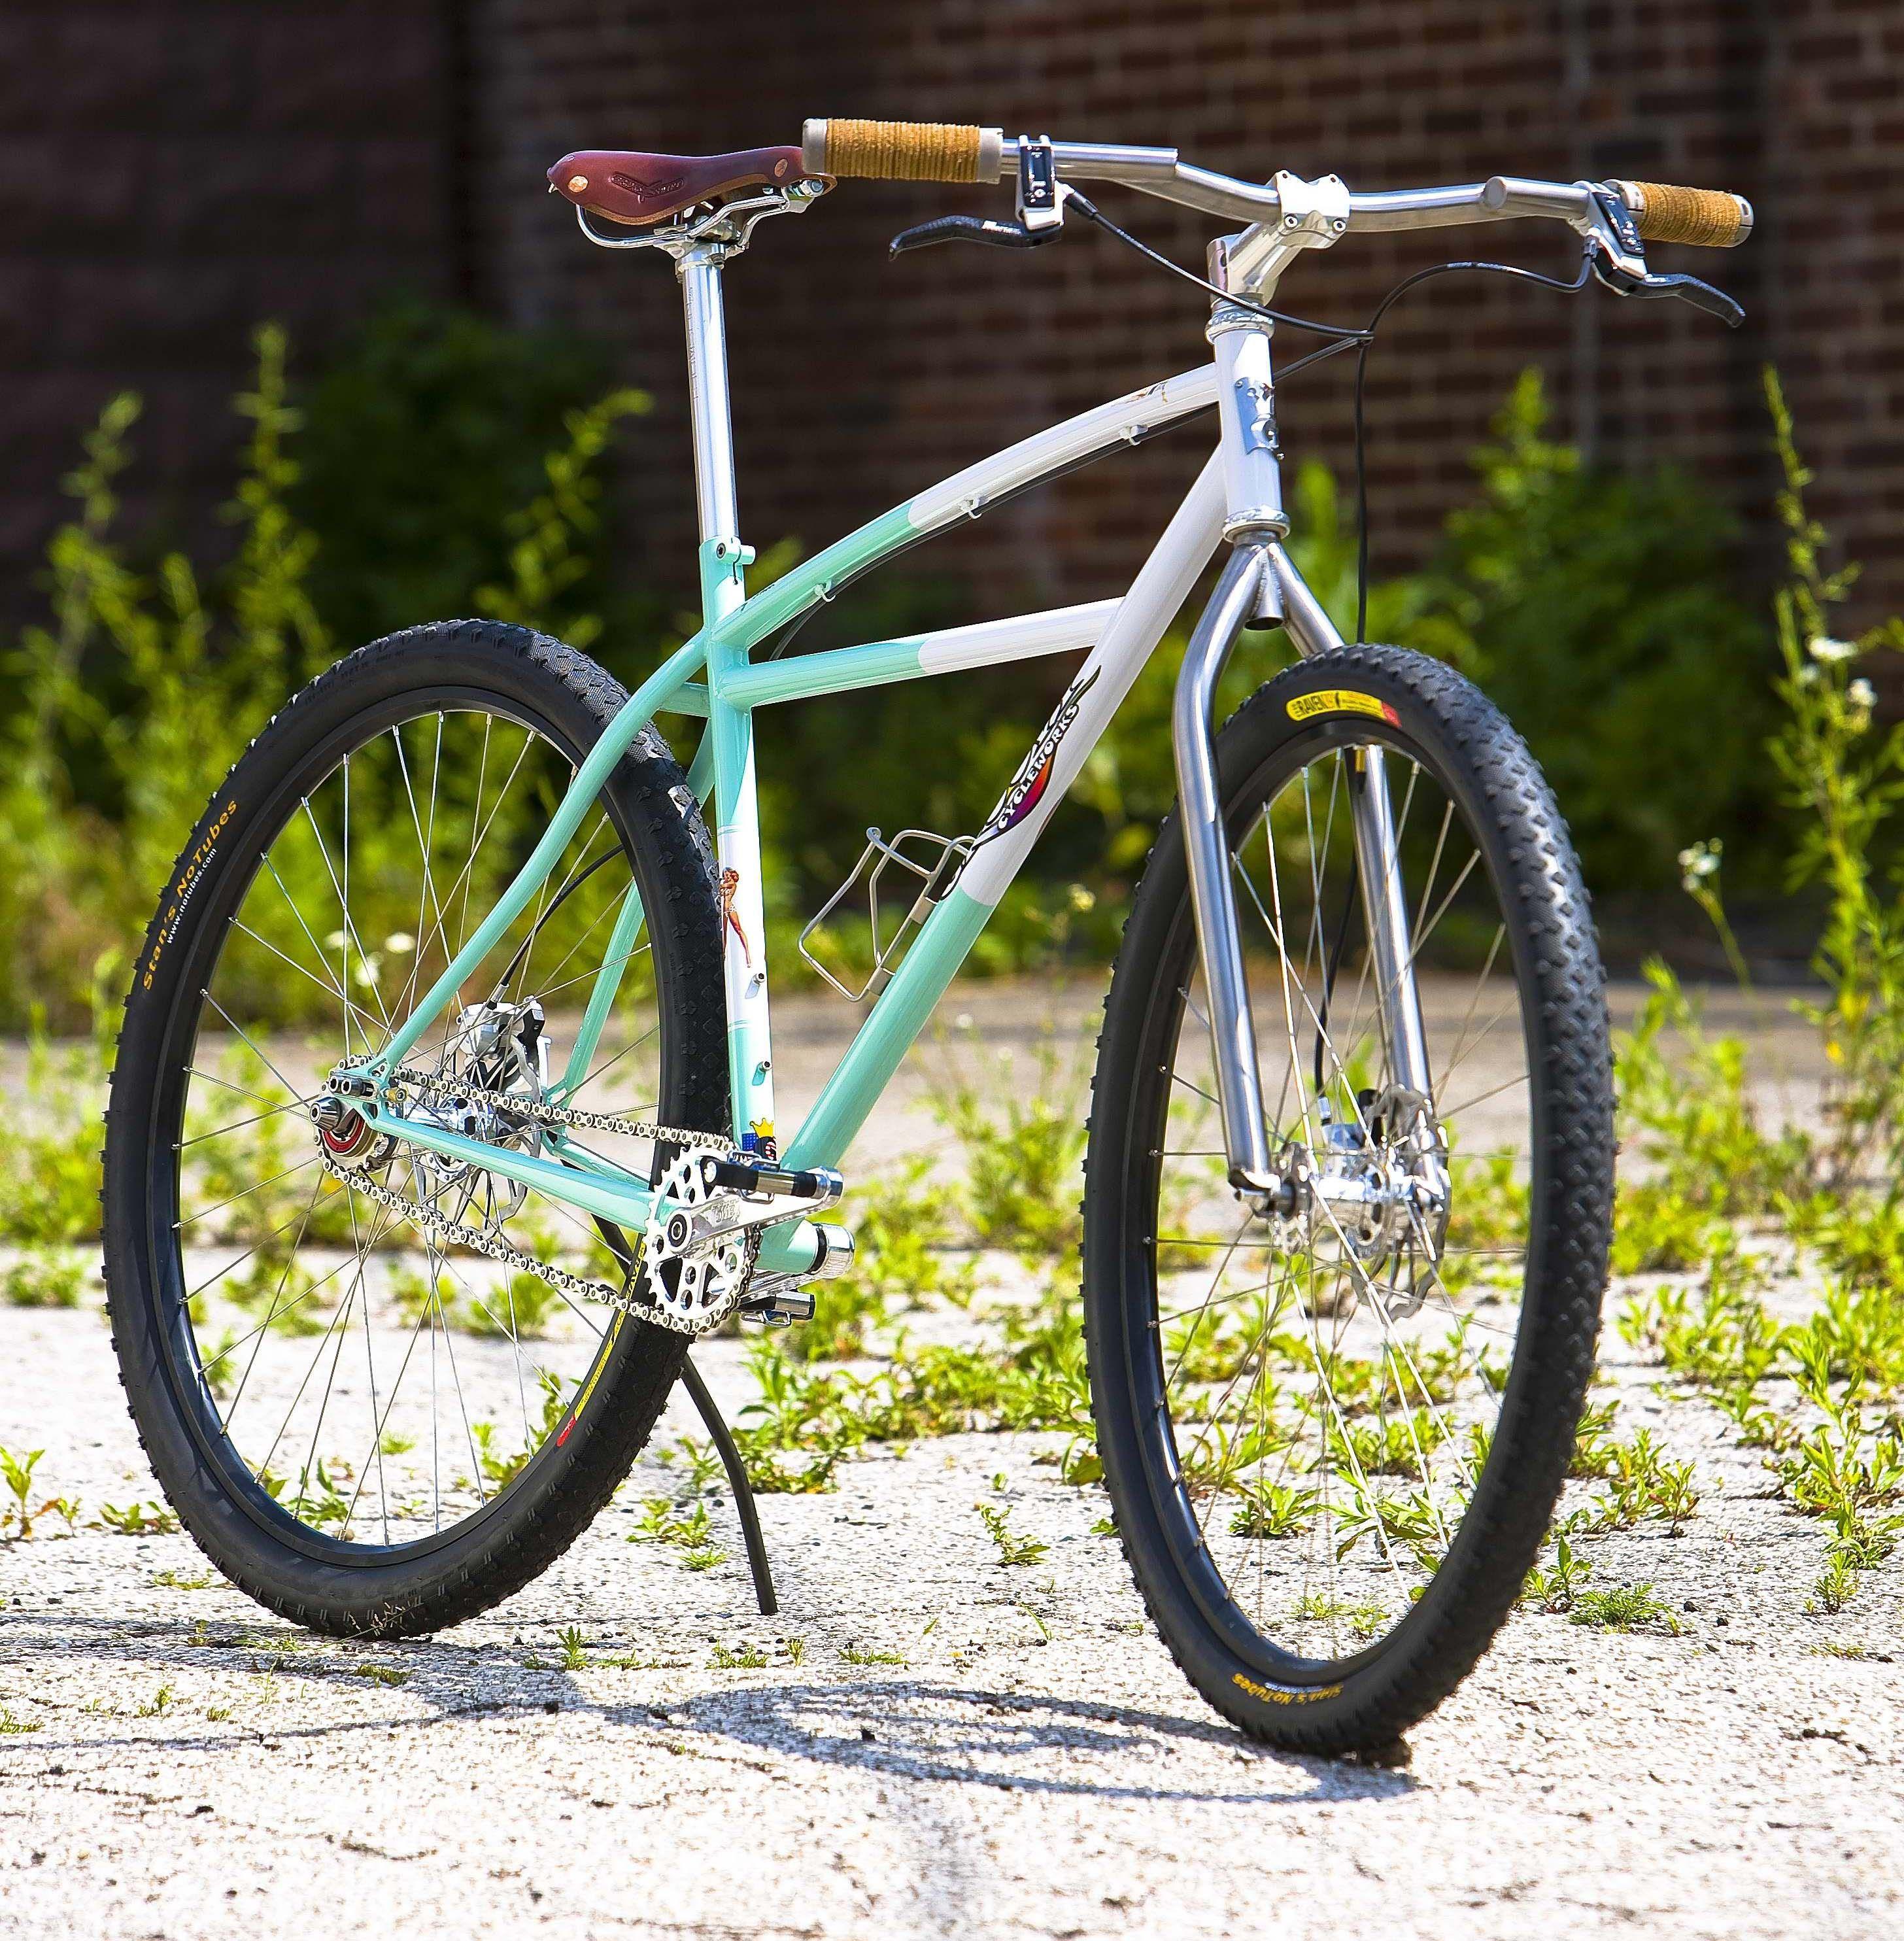 klunker bike | Bicycle, Klunker bike, City bike